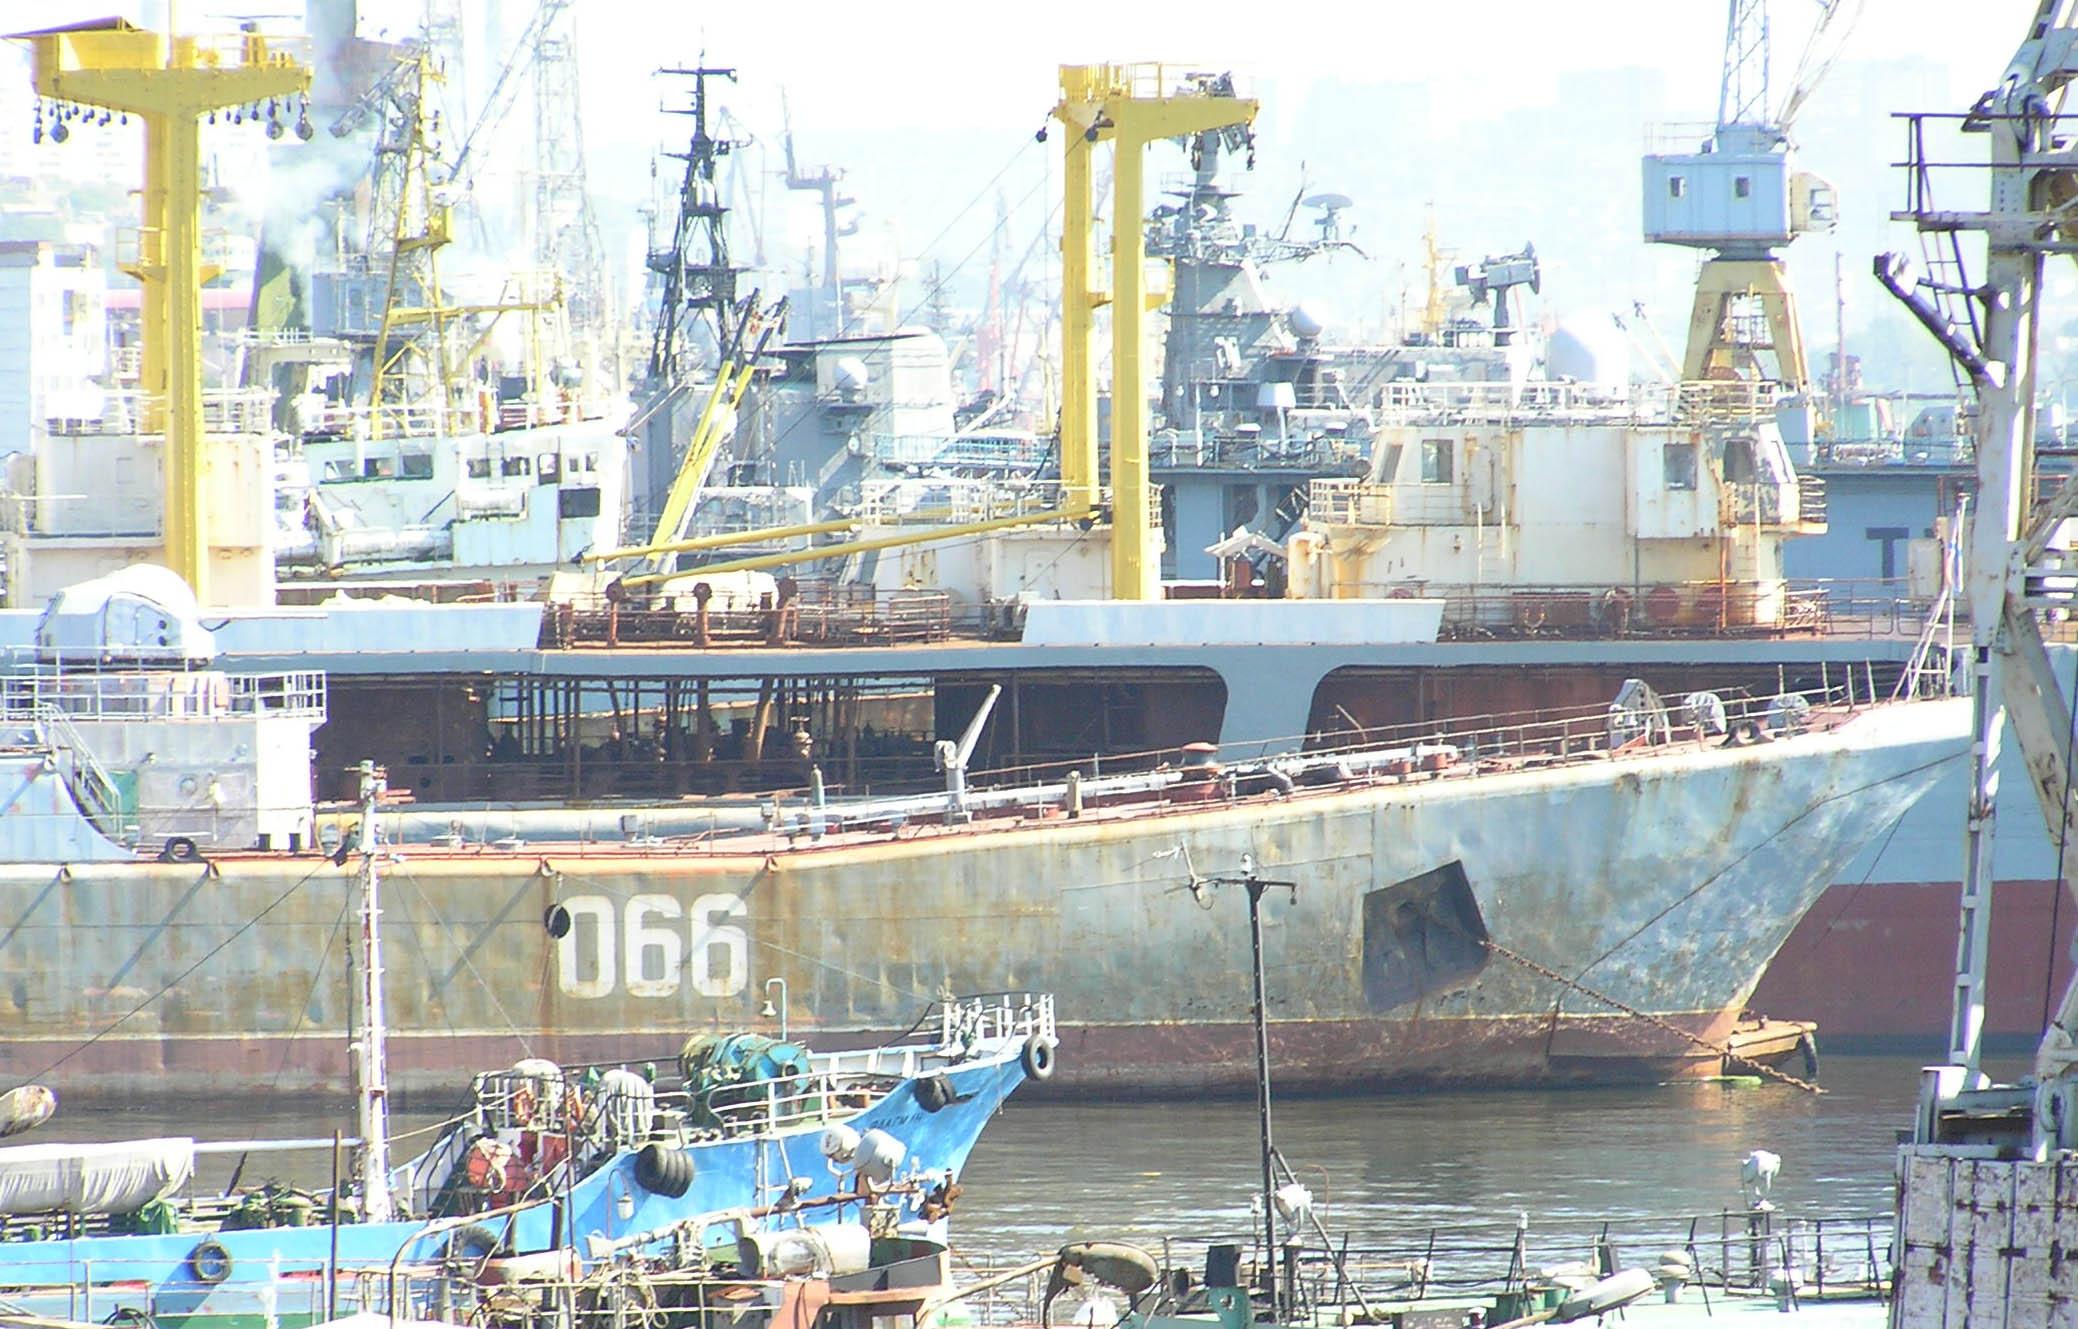 BDK-101_2005-09_02.jpg